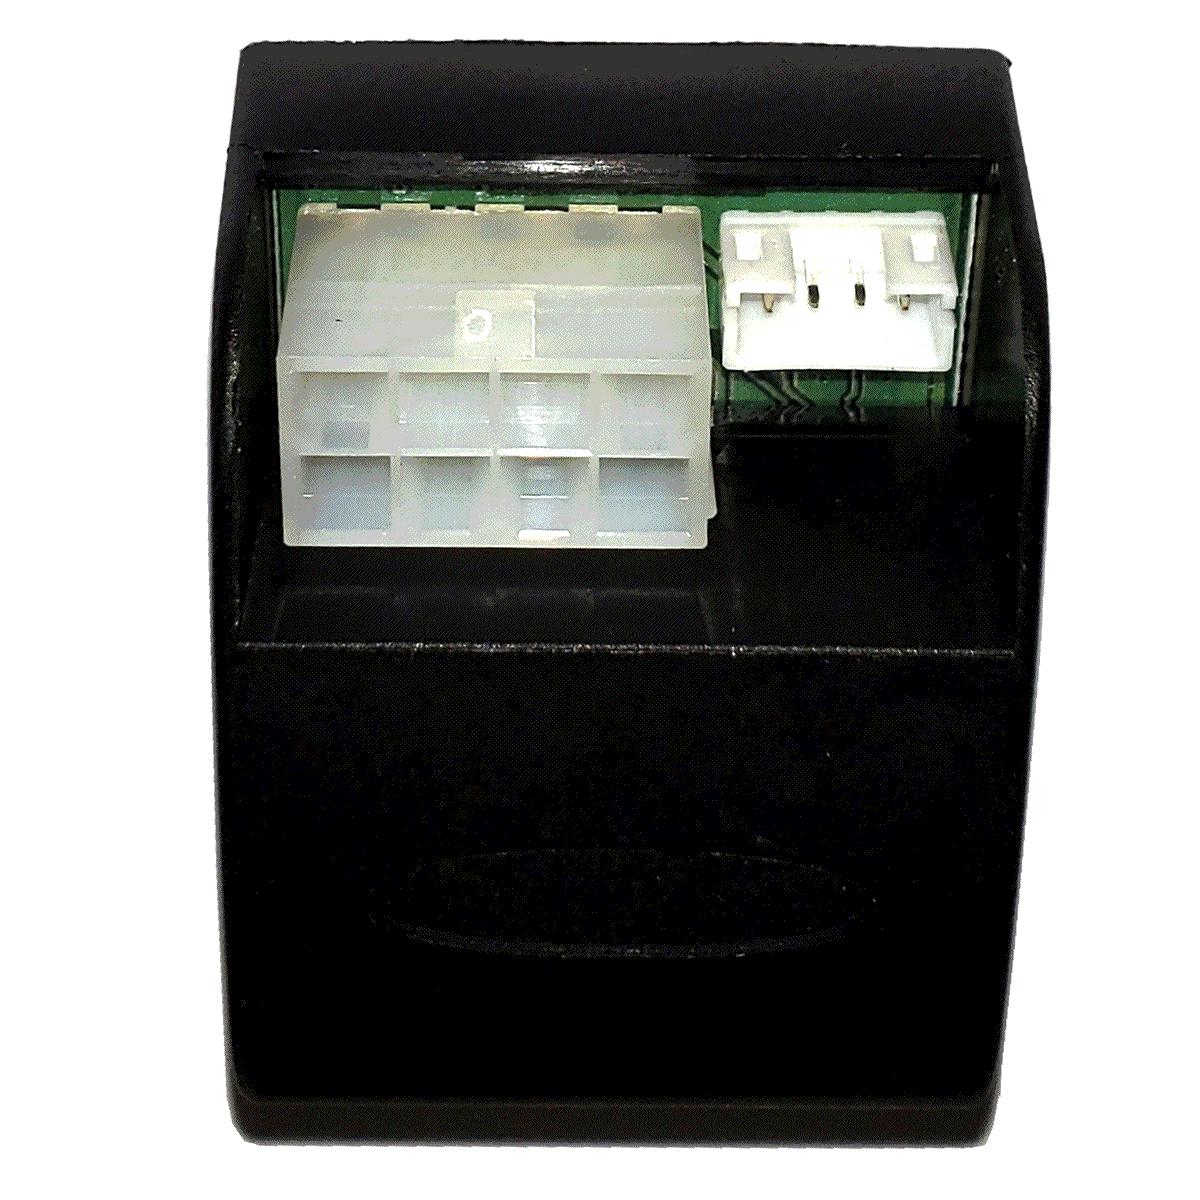 Variador Acelerador Eletrônico GNV T47 F Ford, Jeep, Maseratti, outros Plug & Play TURY GAS